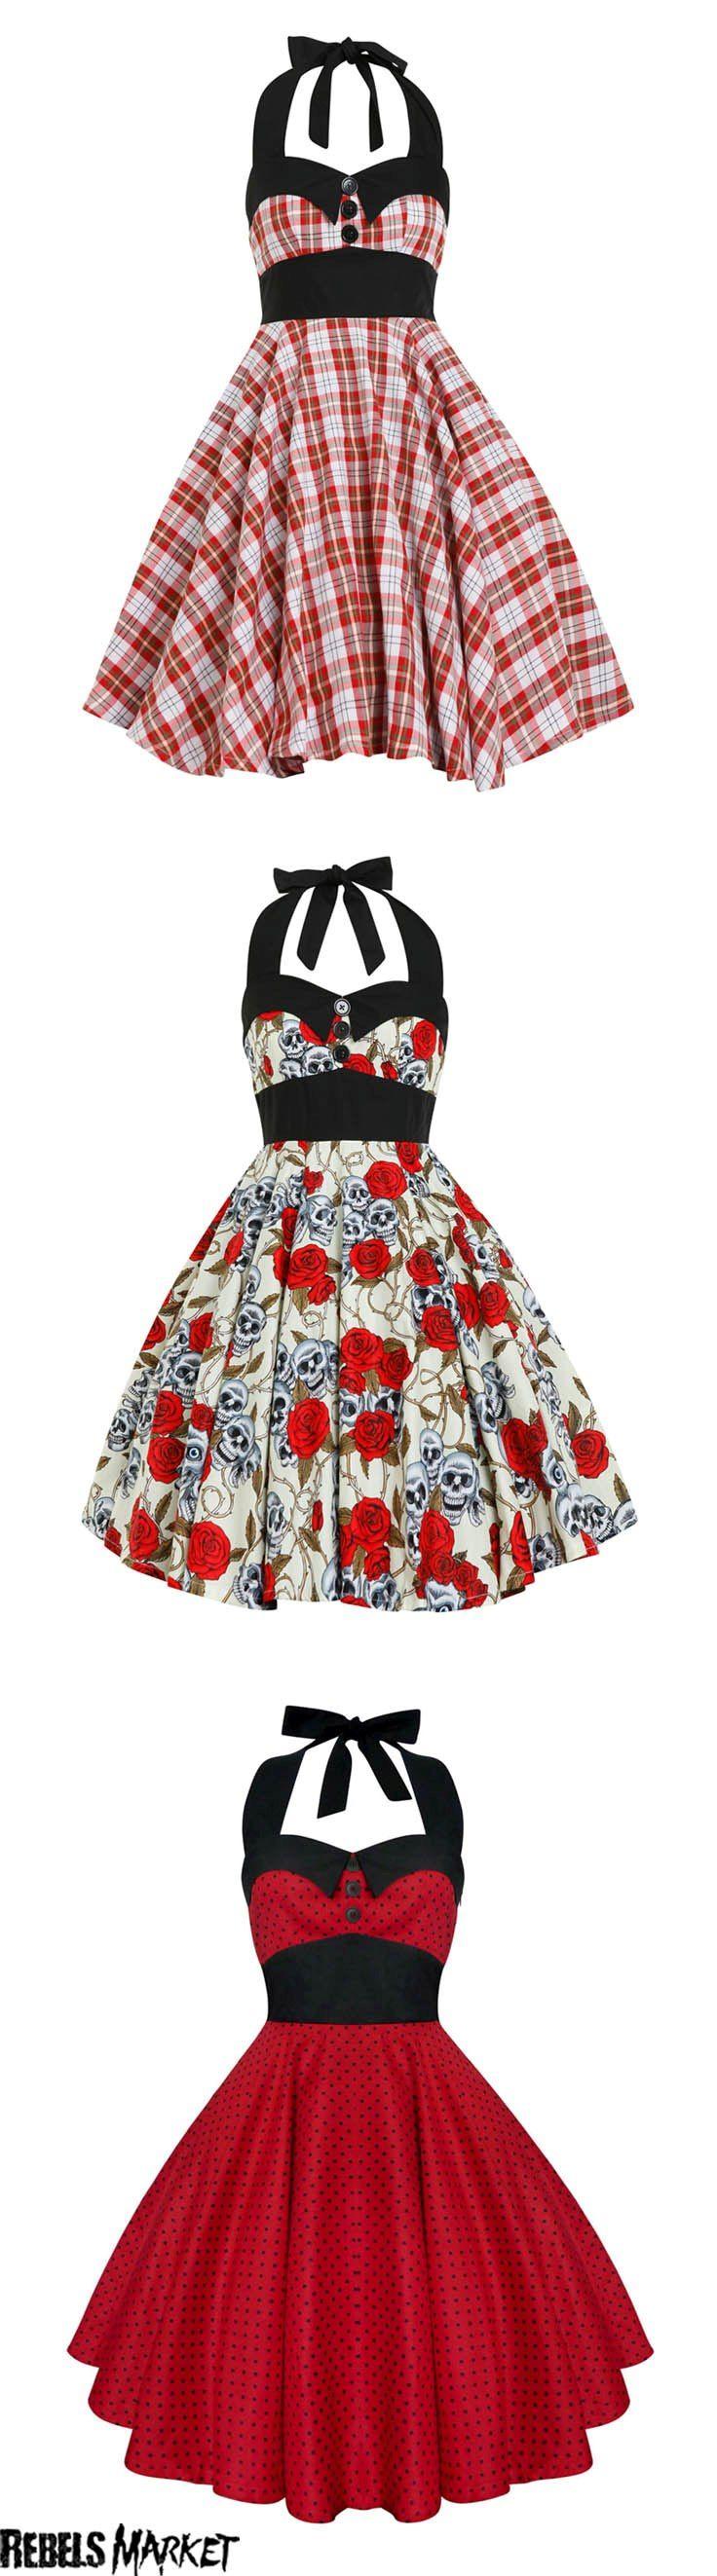 Shop rockabilly Valentine's dresses at RebelsMarket.